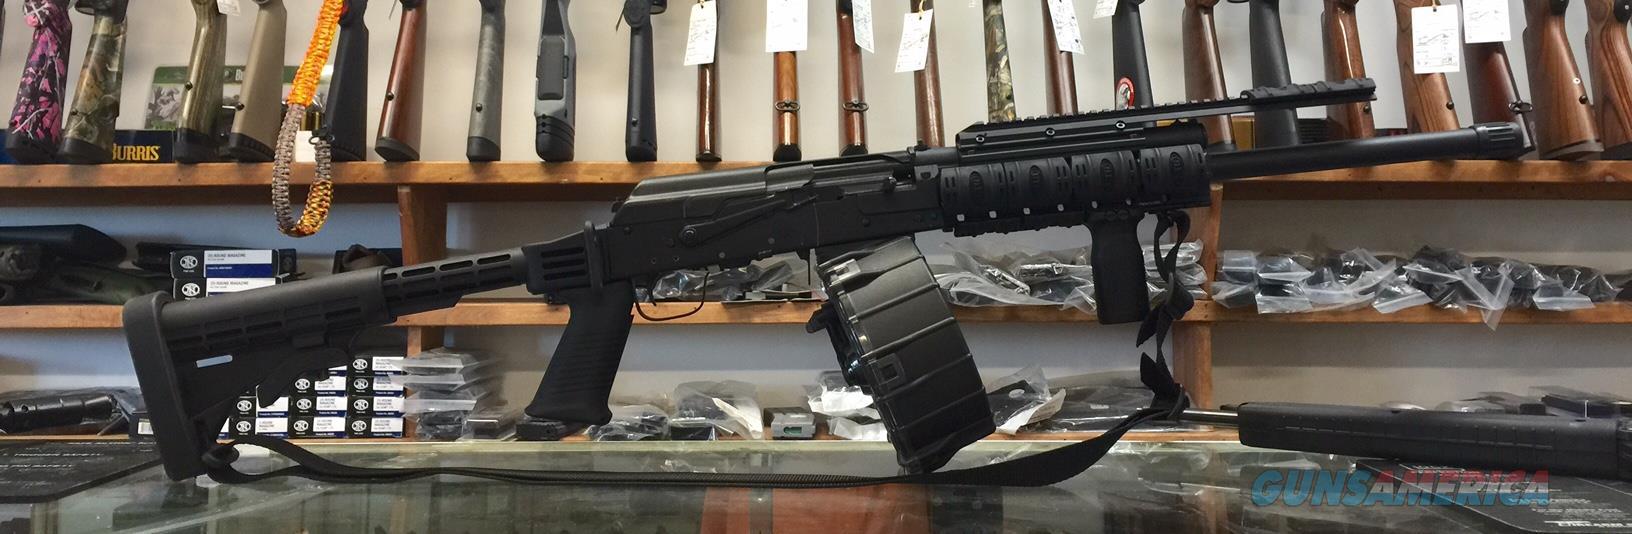 awesome russian custom build saiga 12 shotgun w for sale Tactical Handguns Trainig Tactical